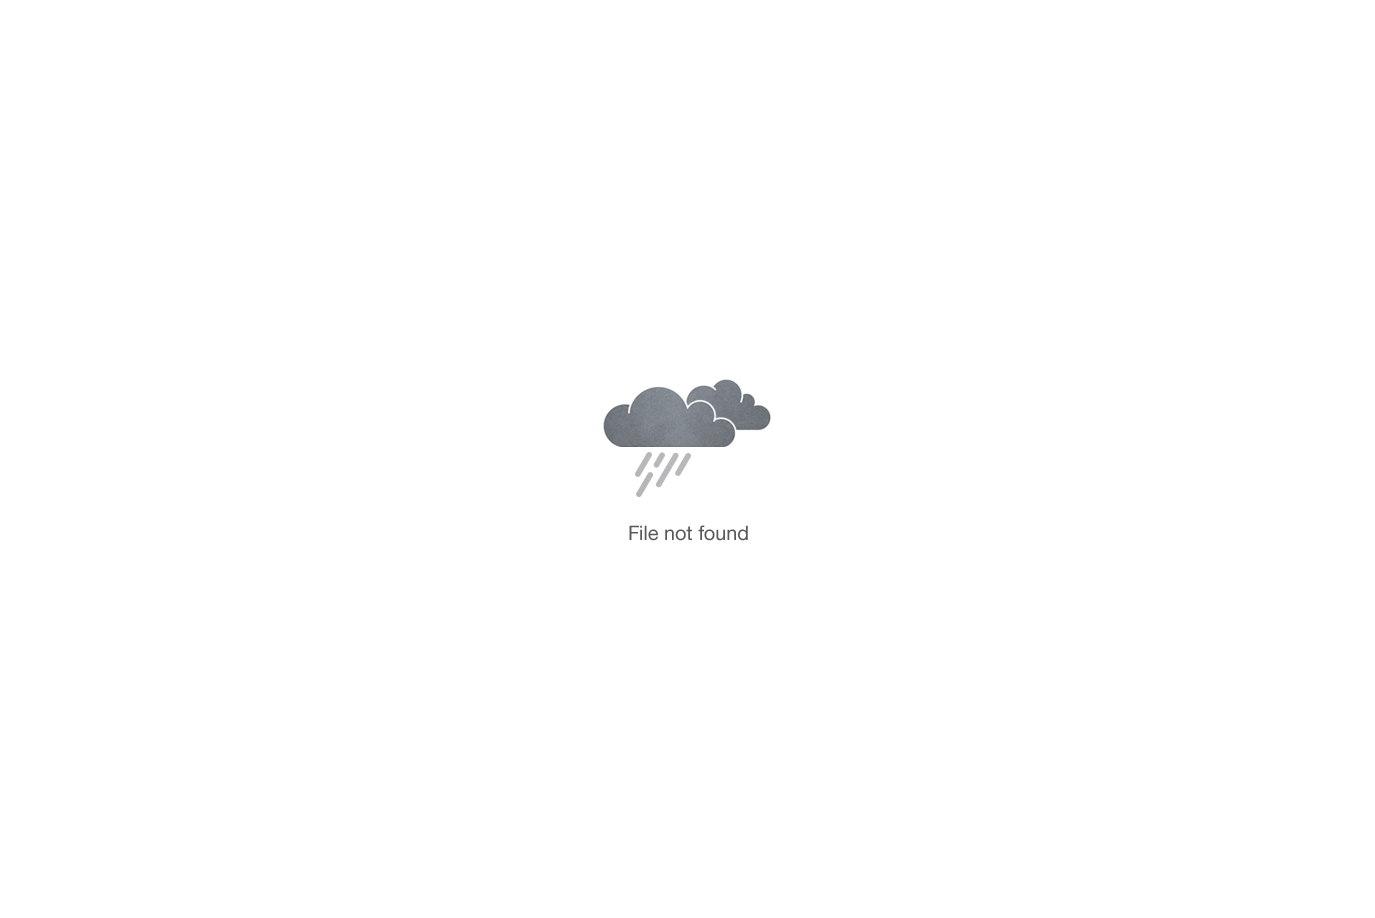 Olivier-DROUIN-Cyclisme-Sponsorise-me-image-1